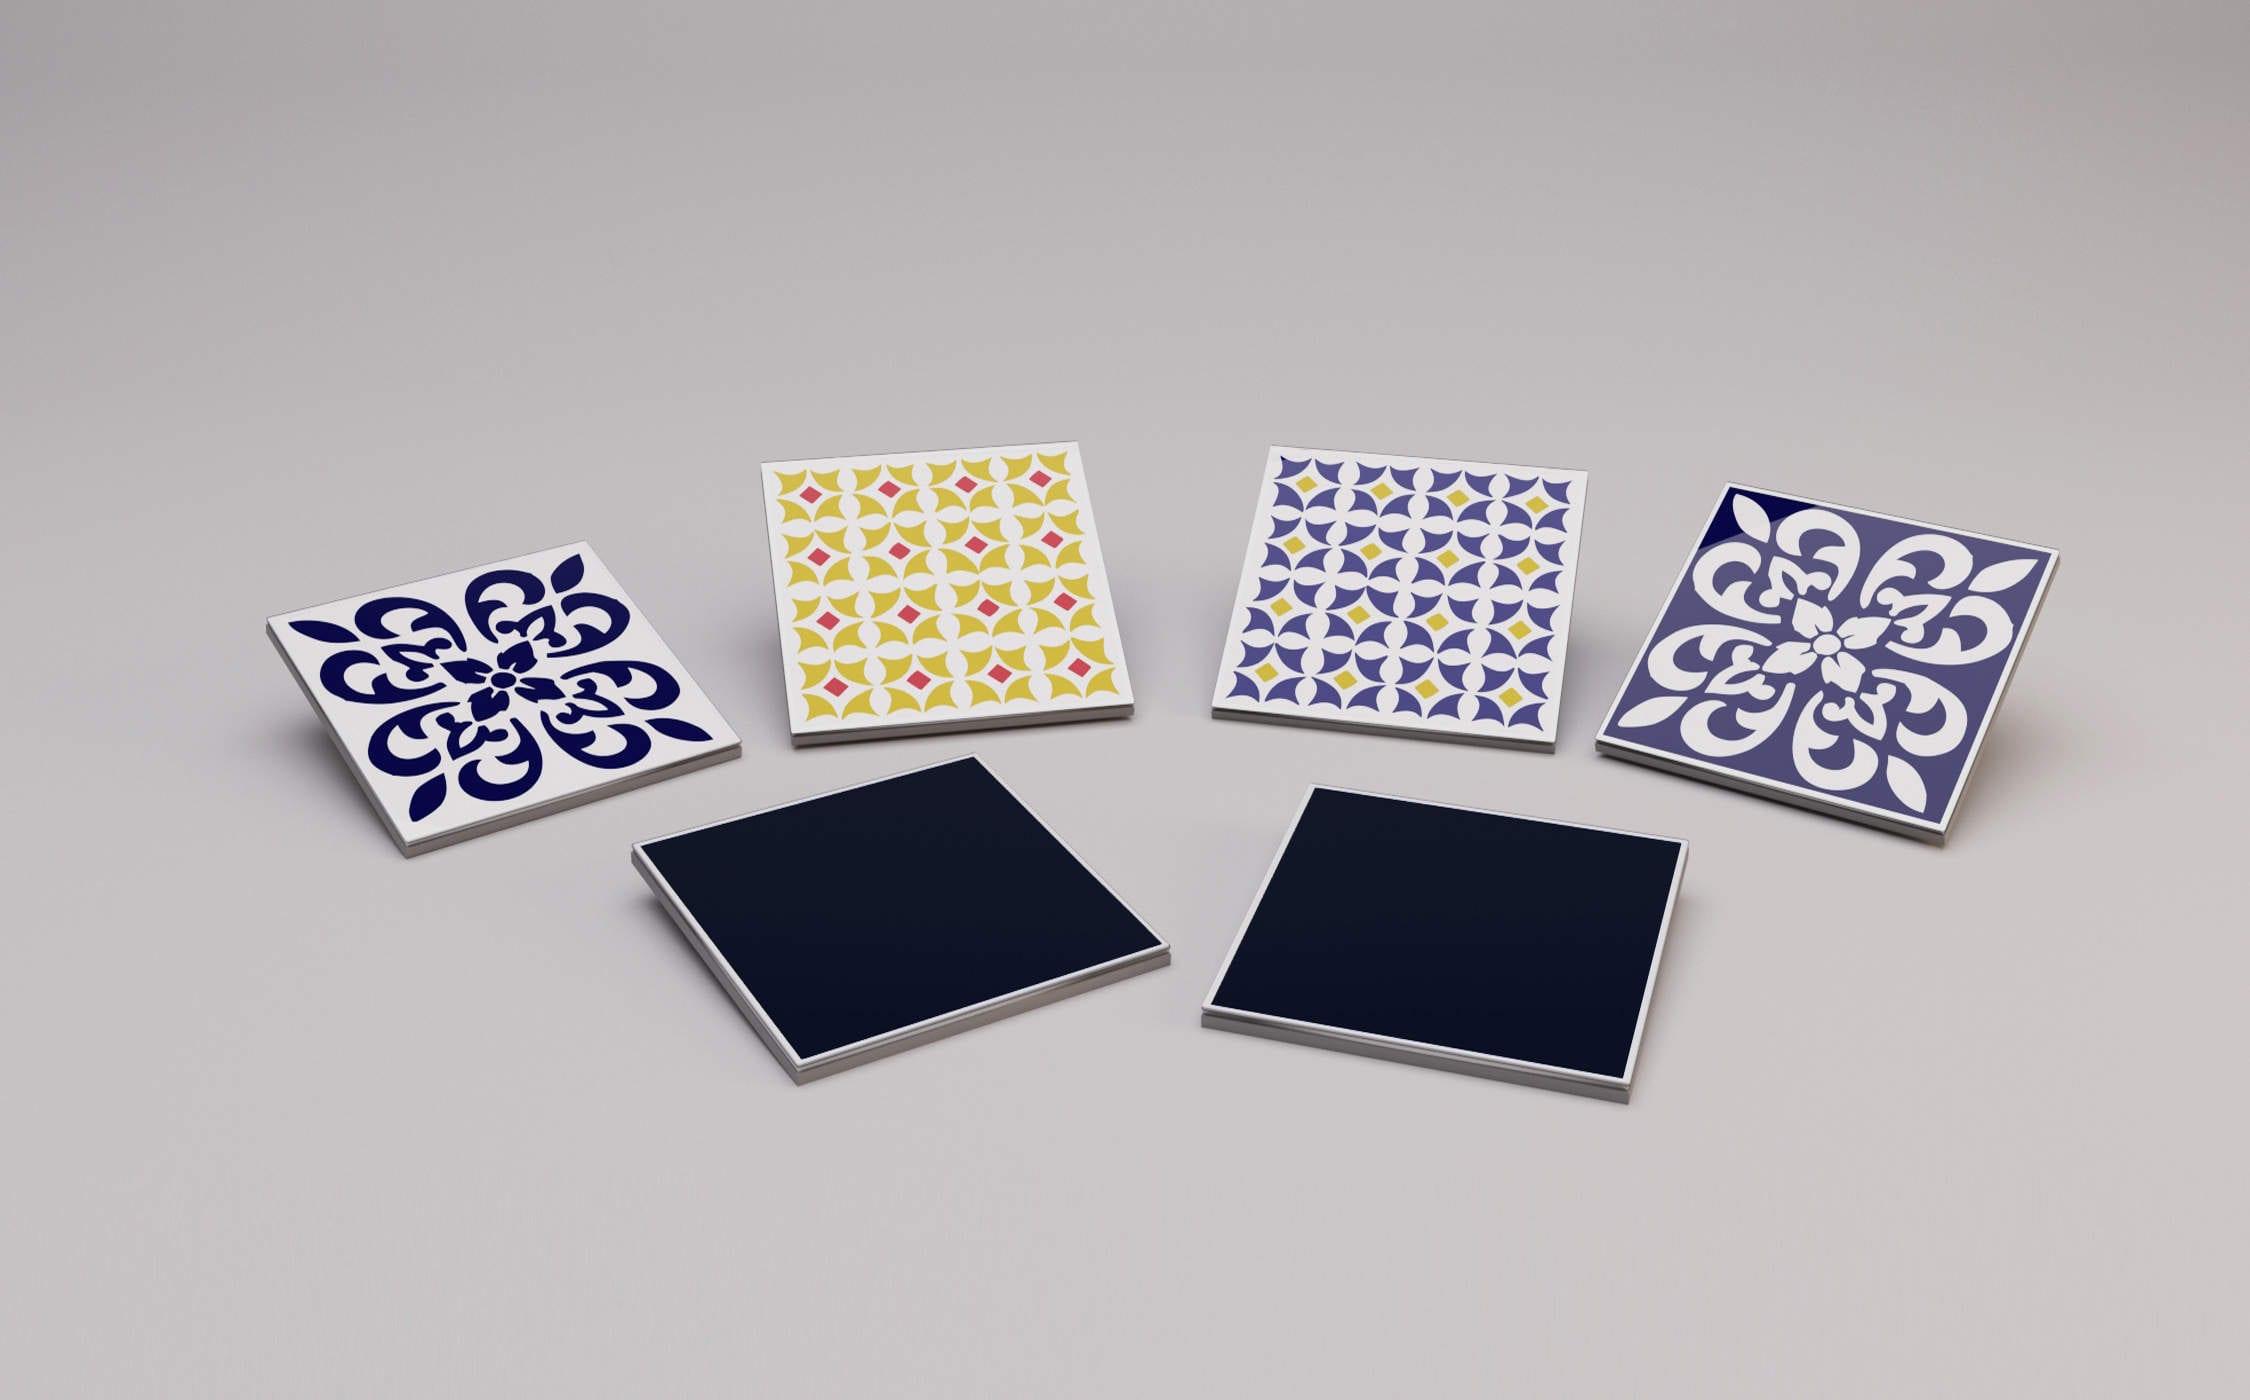 5 solar tiles igor zacek dizajn s pridanou hodnotou  - NCD 2019 – Produktový dizajn pozná svojich víťazov!